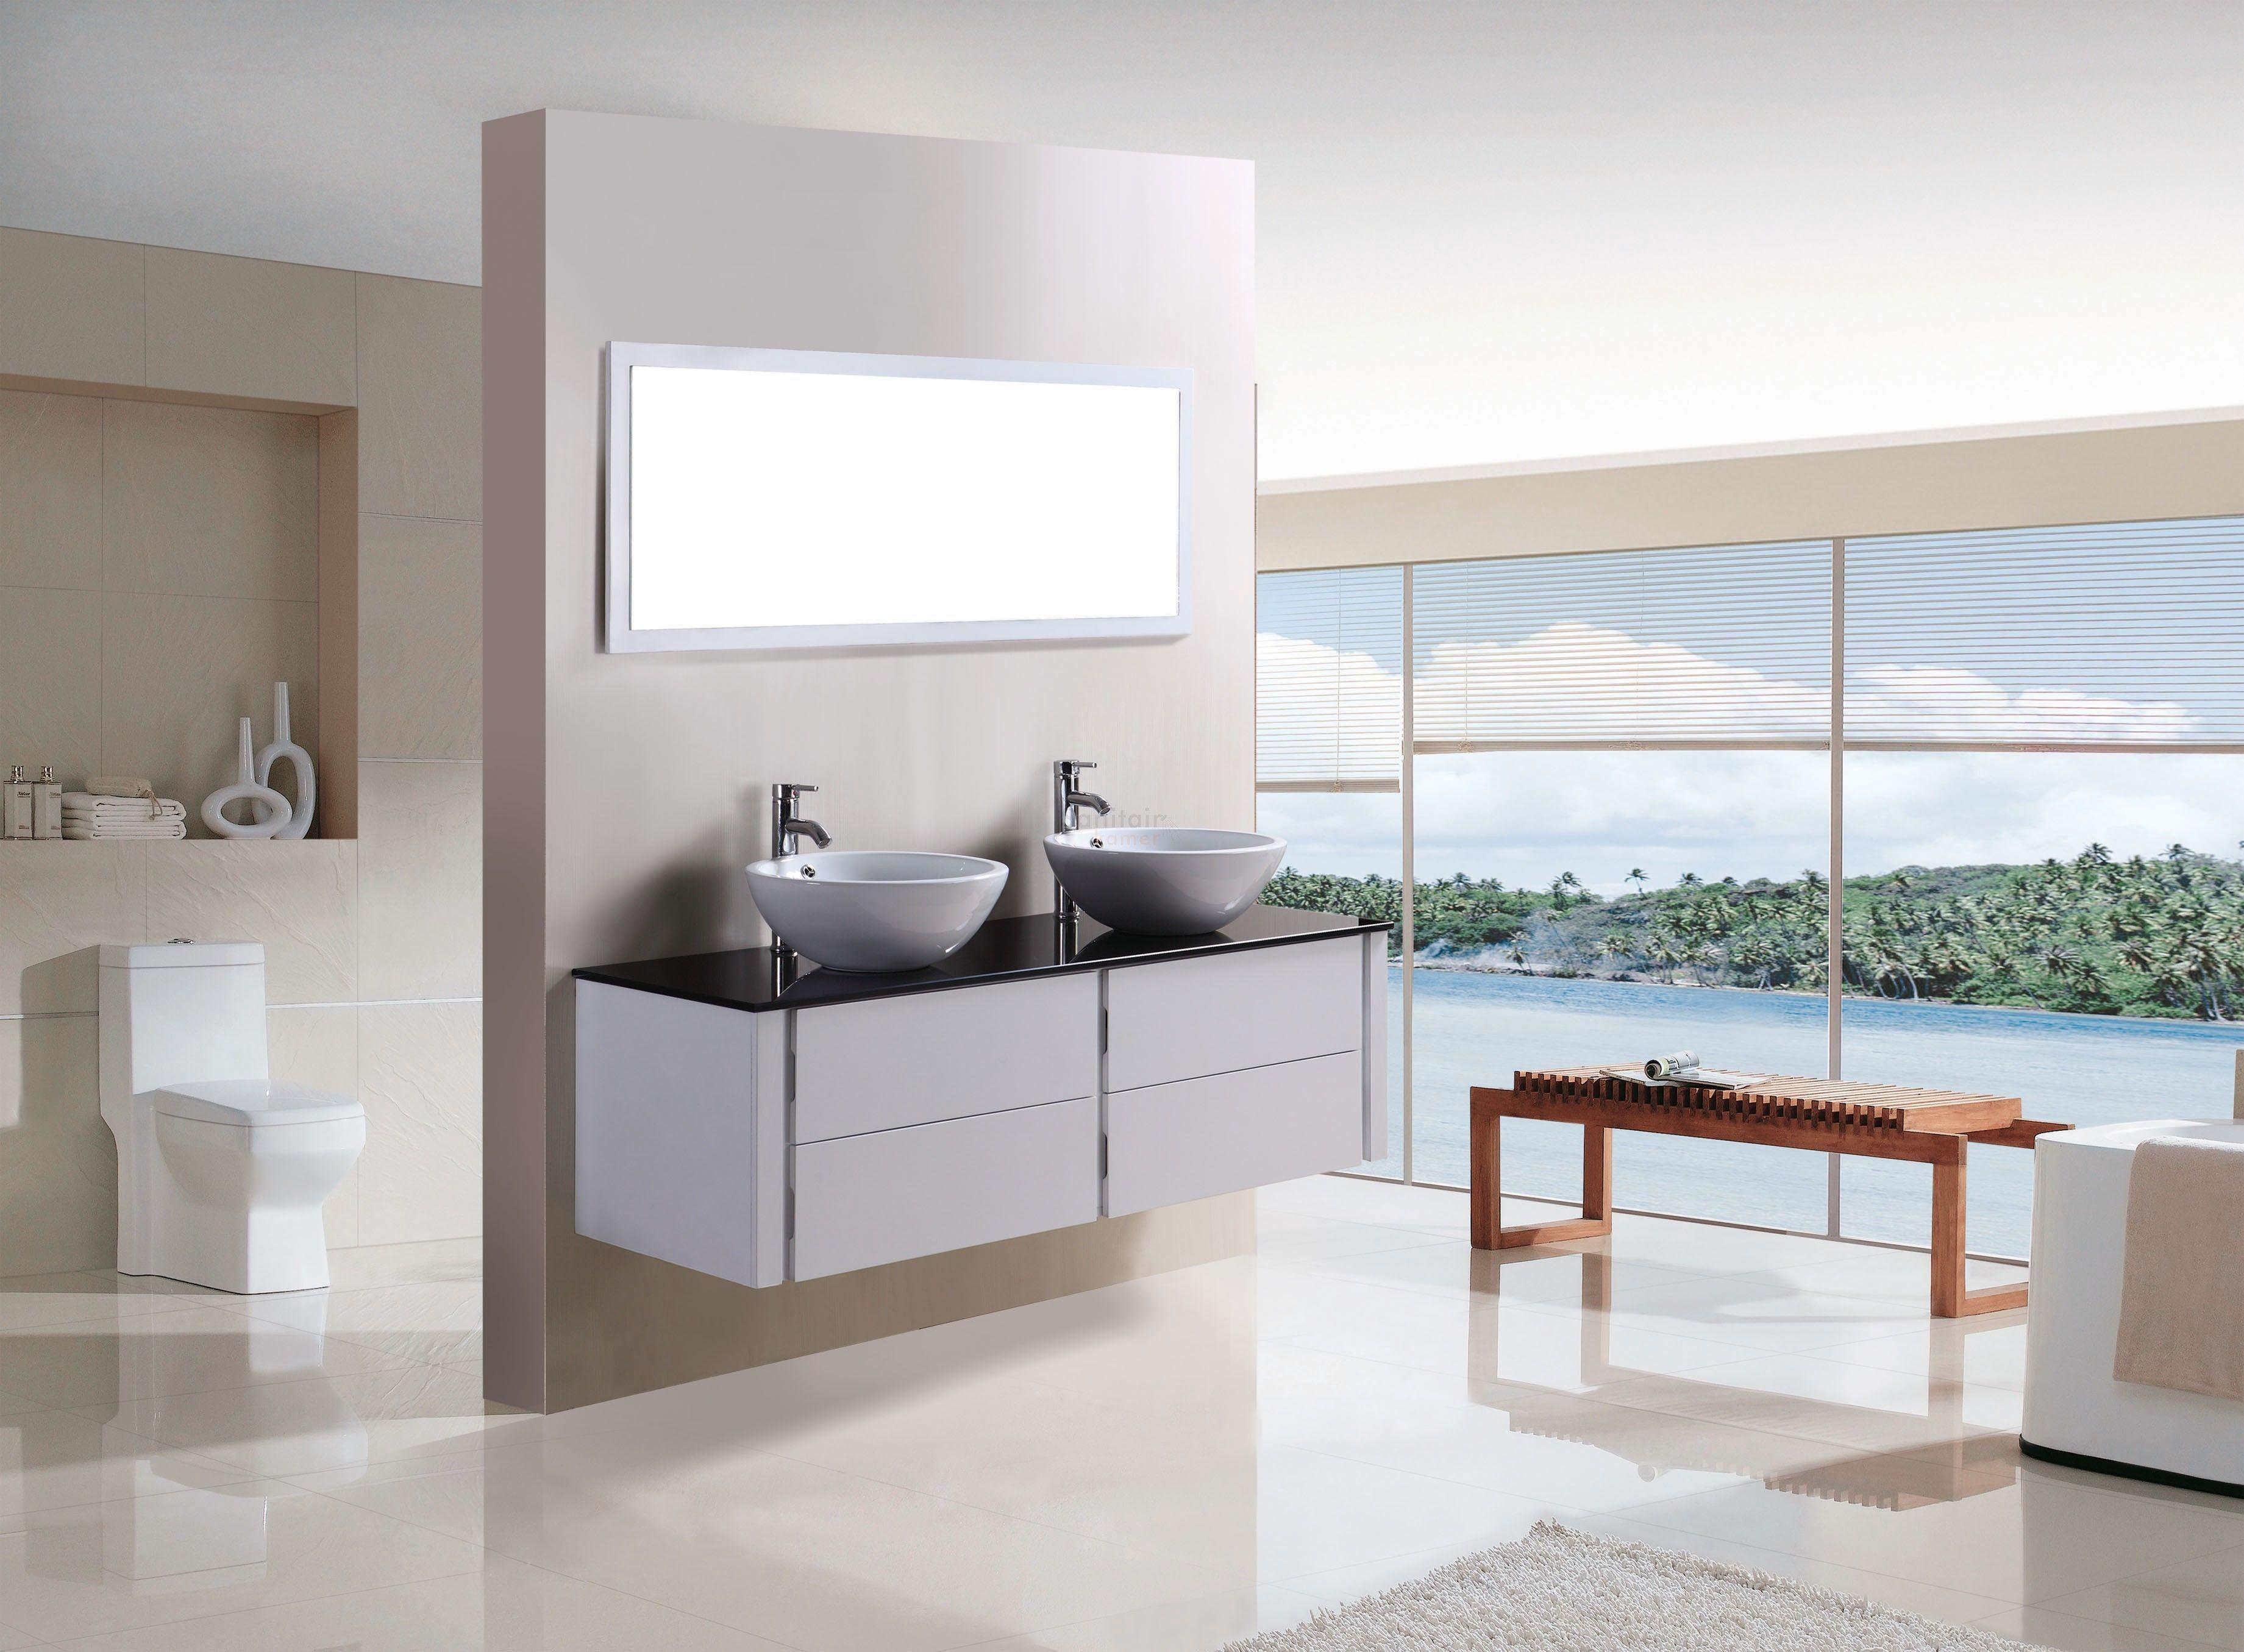 Goedkoop Badkamer Idees : Badkamermeubel plastic details about bathroom furniture set paso